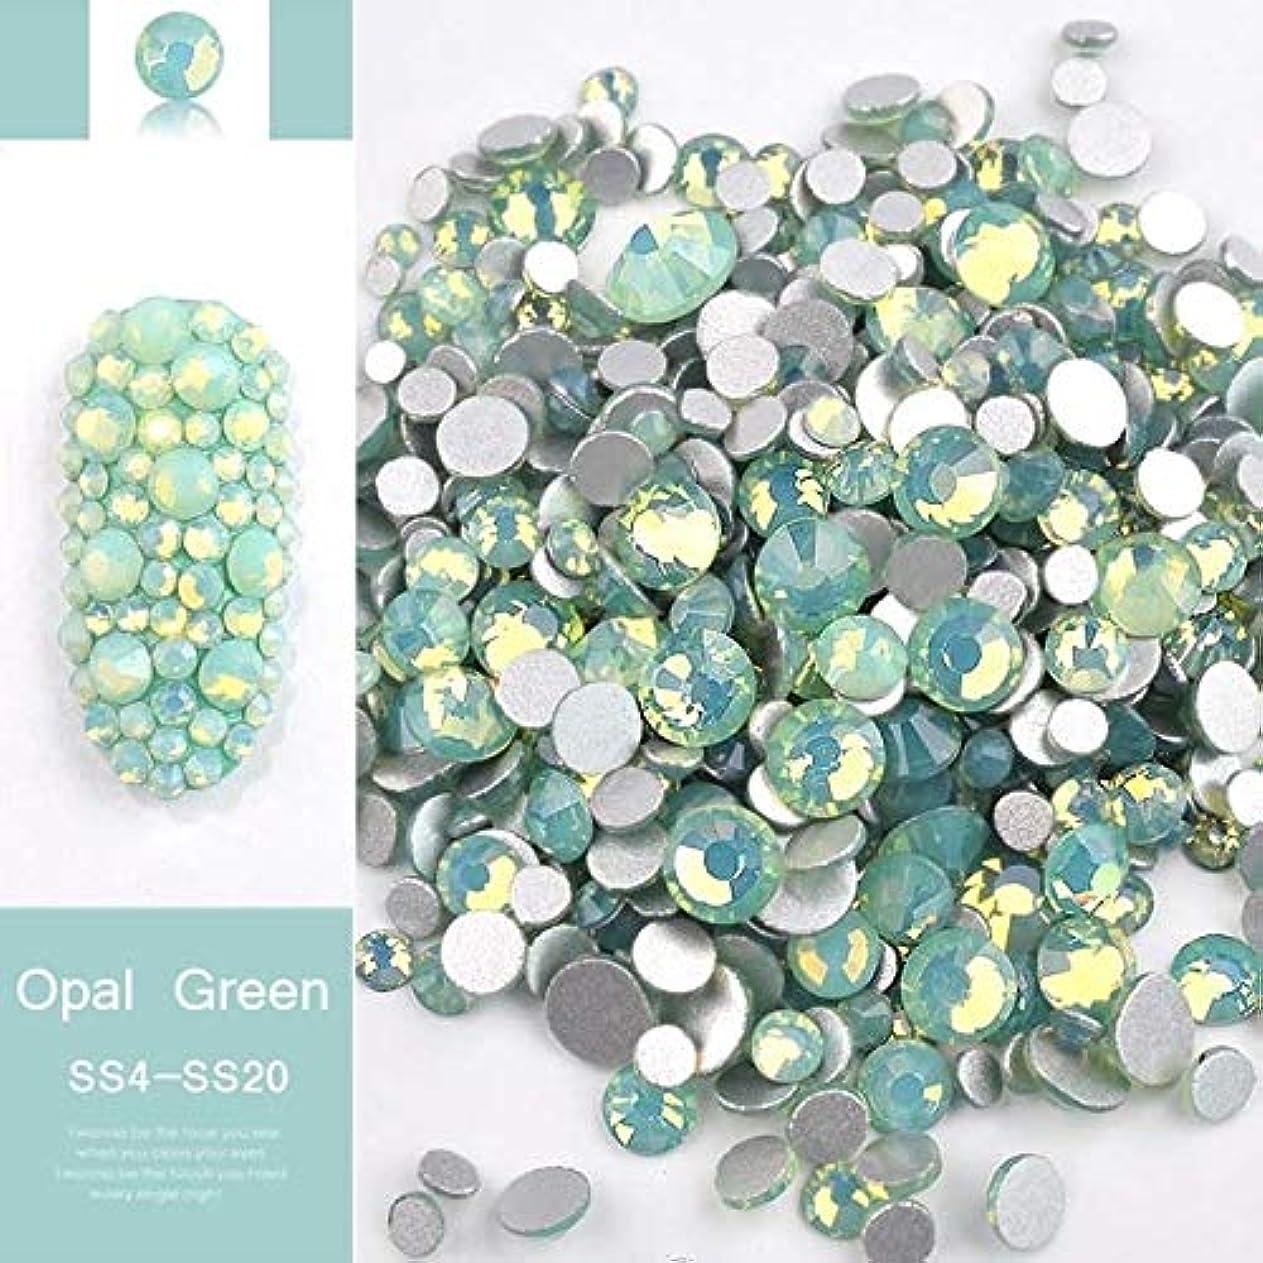 原稿家事をするハンバーガーYan 1パックミックスサイズ(SS4-SS20)クリスタルカラフルなオパールネイルアートラインストーンの装飾キラキラの宝石3Dマニキュアアクセサリーツール(ホワイト) (色 : Green)